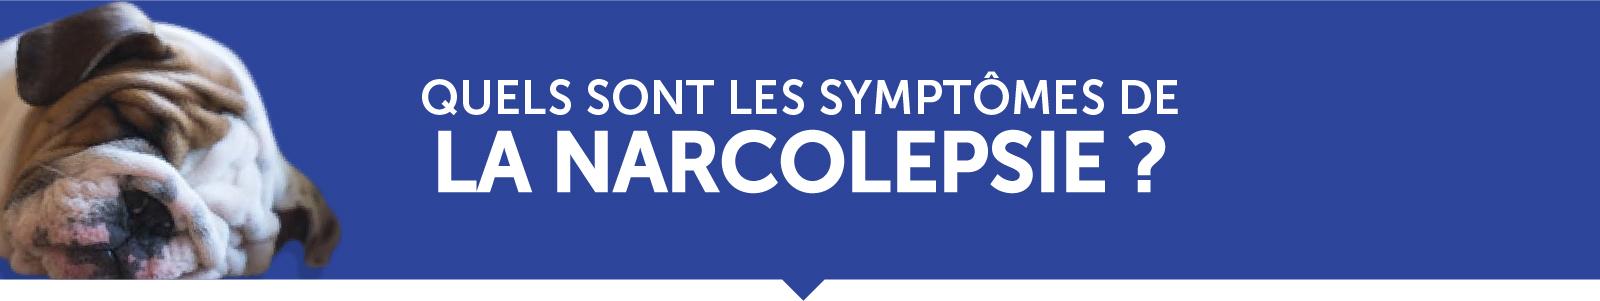 Quels sont les symptômes de la narcolepsie ?